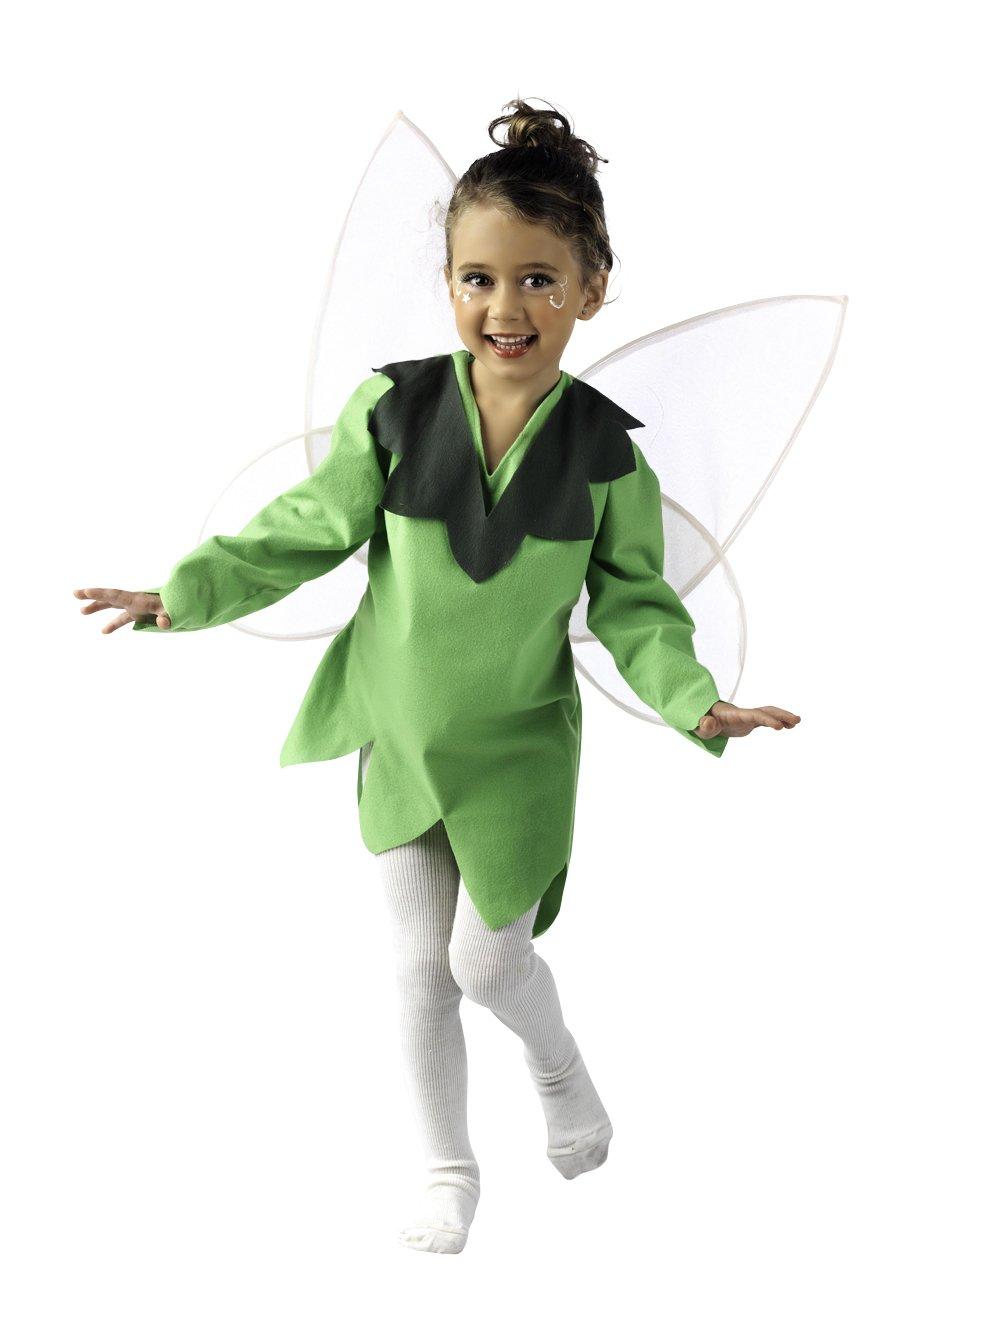 Mascarada MI745 Gr.4 - Glöckchen Kostüm, Größe 4, hell- dunkelgrün B00DJ4E6Y0 Kostüme für Erwachsene Haltbar | Um Sowohl Die Qualität Der Zähigkeit Und Härte